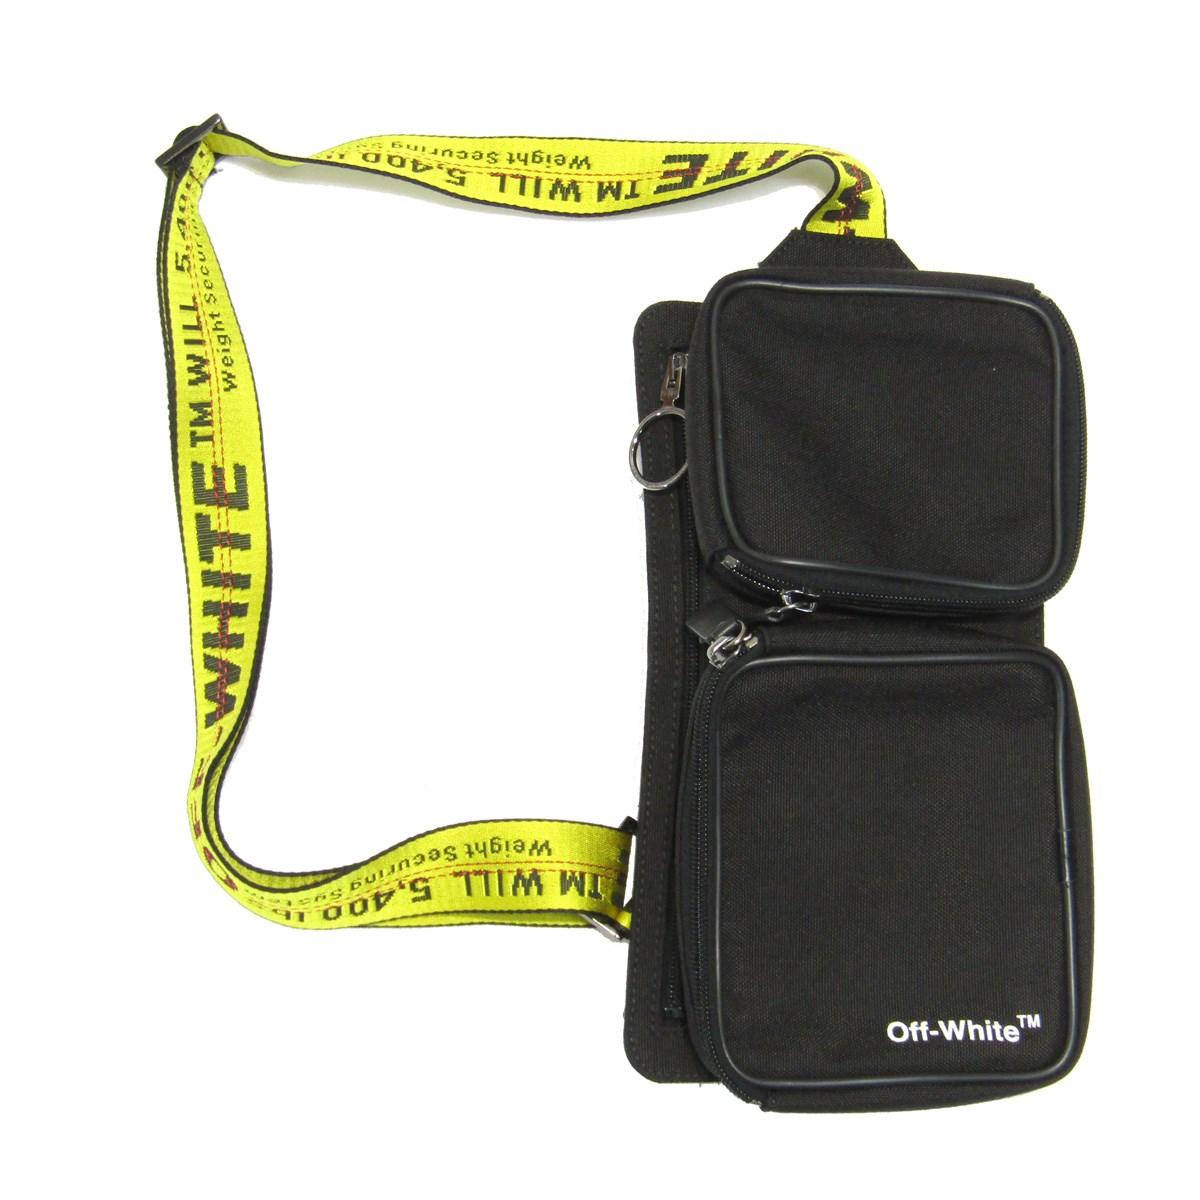 【中古】OFF-WHITE 2018AW Cordura Hip Belt Bag ロゴクロスバッグ ブラック 【250320】(オフホワイト)